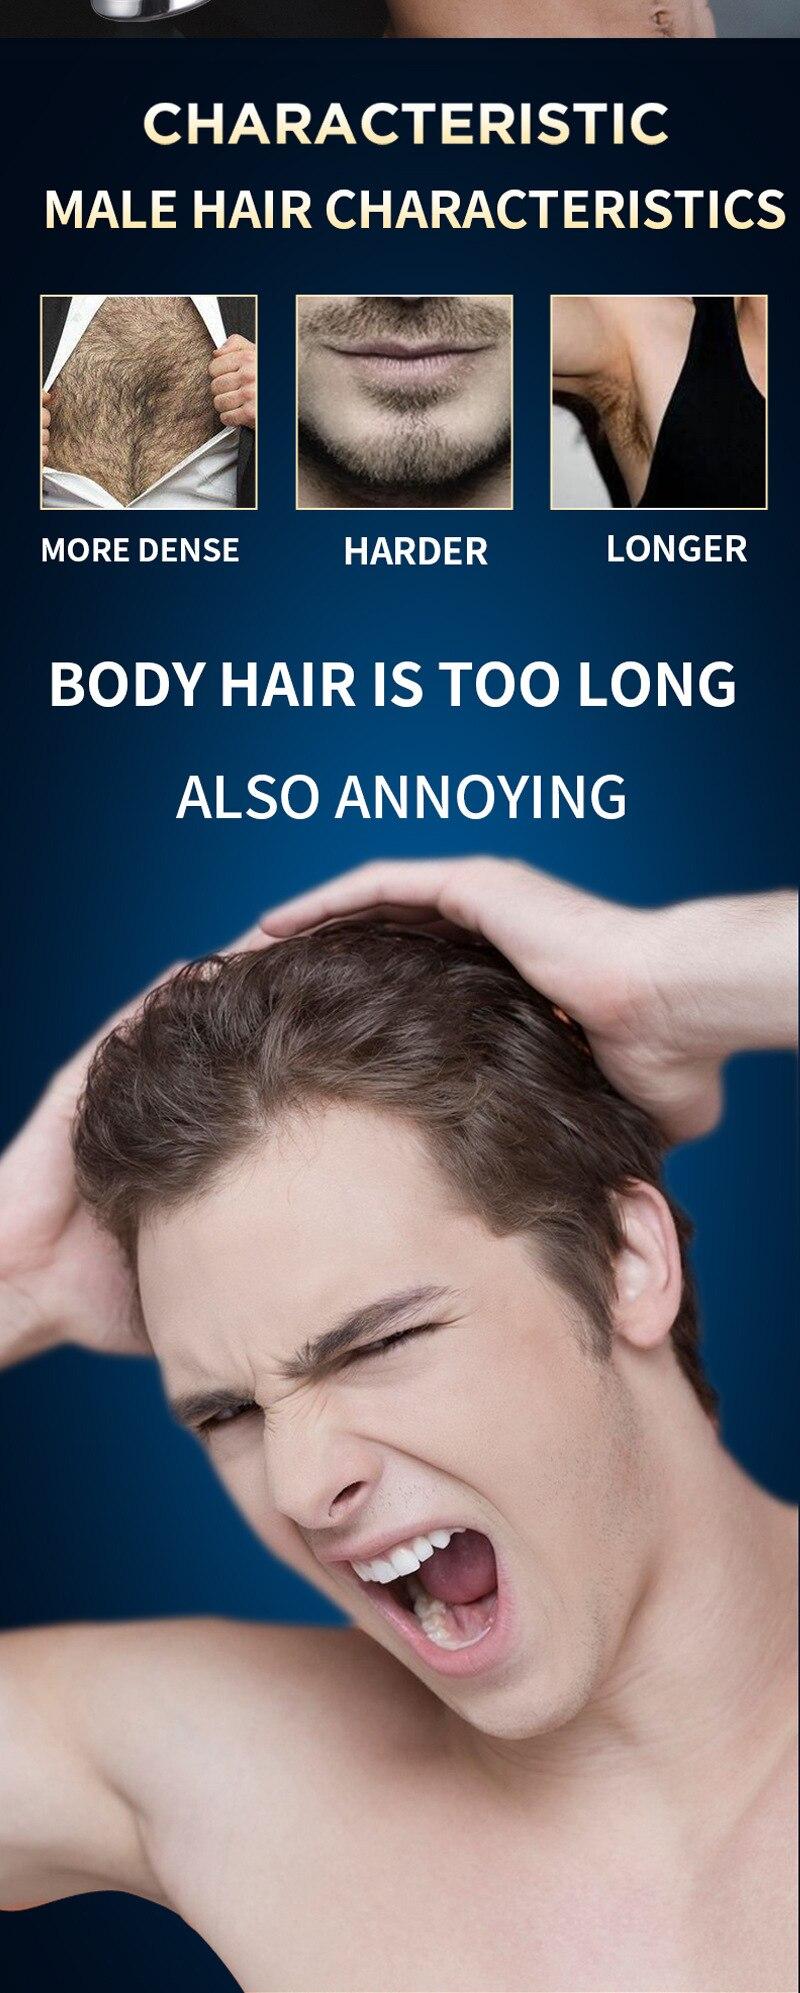 de pêlos depilação indolor biquíni trimmer rápido